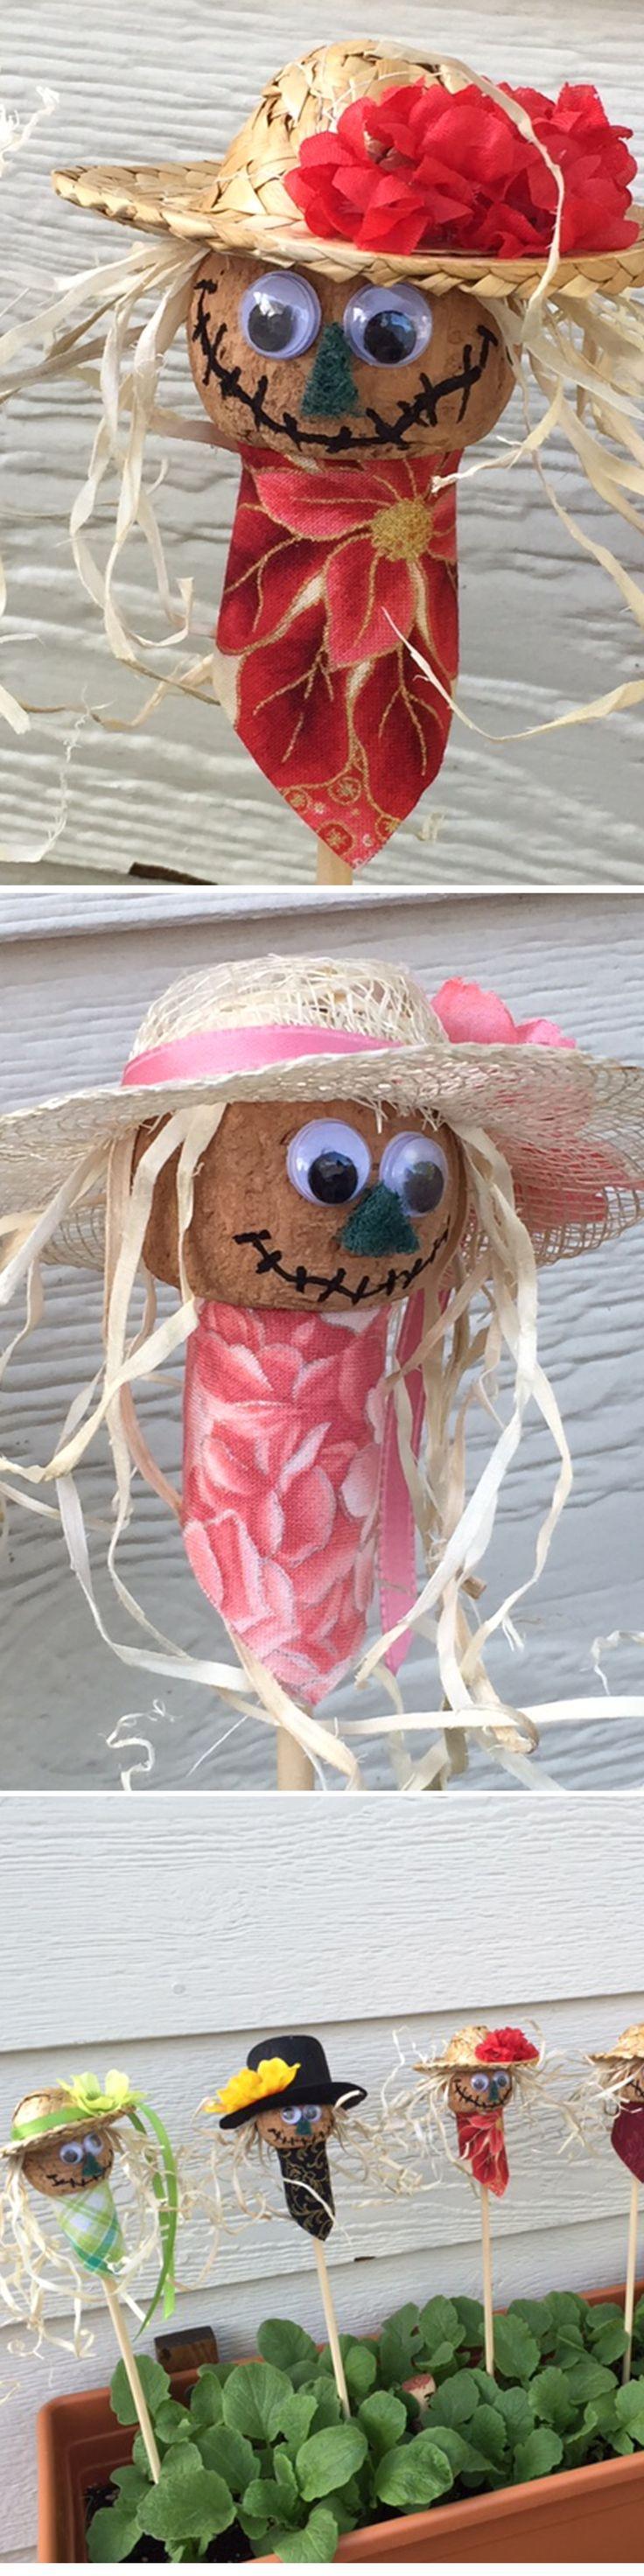 Patron Cork Scarecrow Garden Buddies - Got the idea from https://www.pinterest.com/pin/20477373282365528/